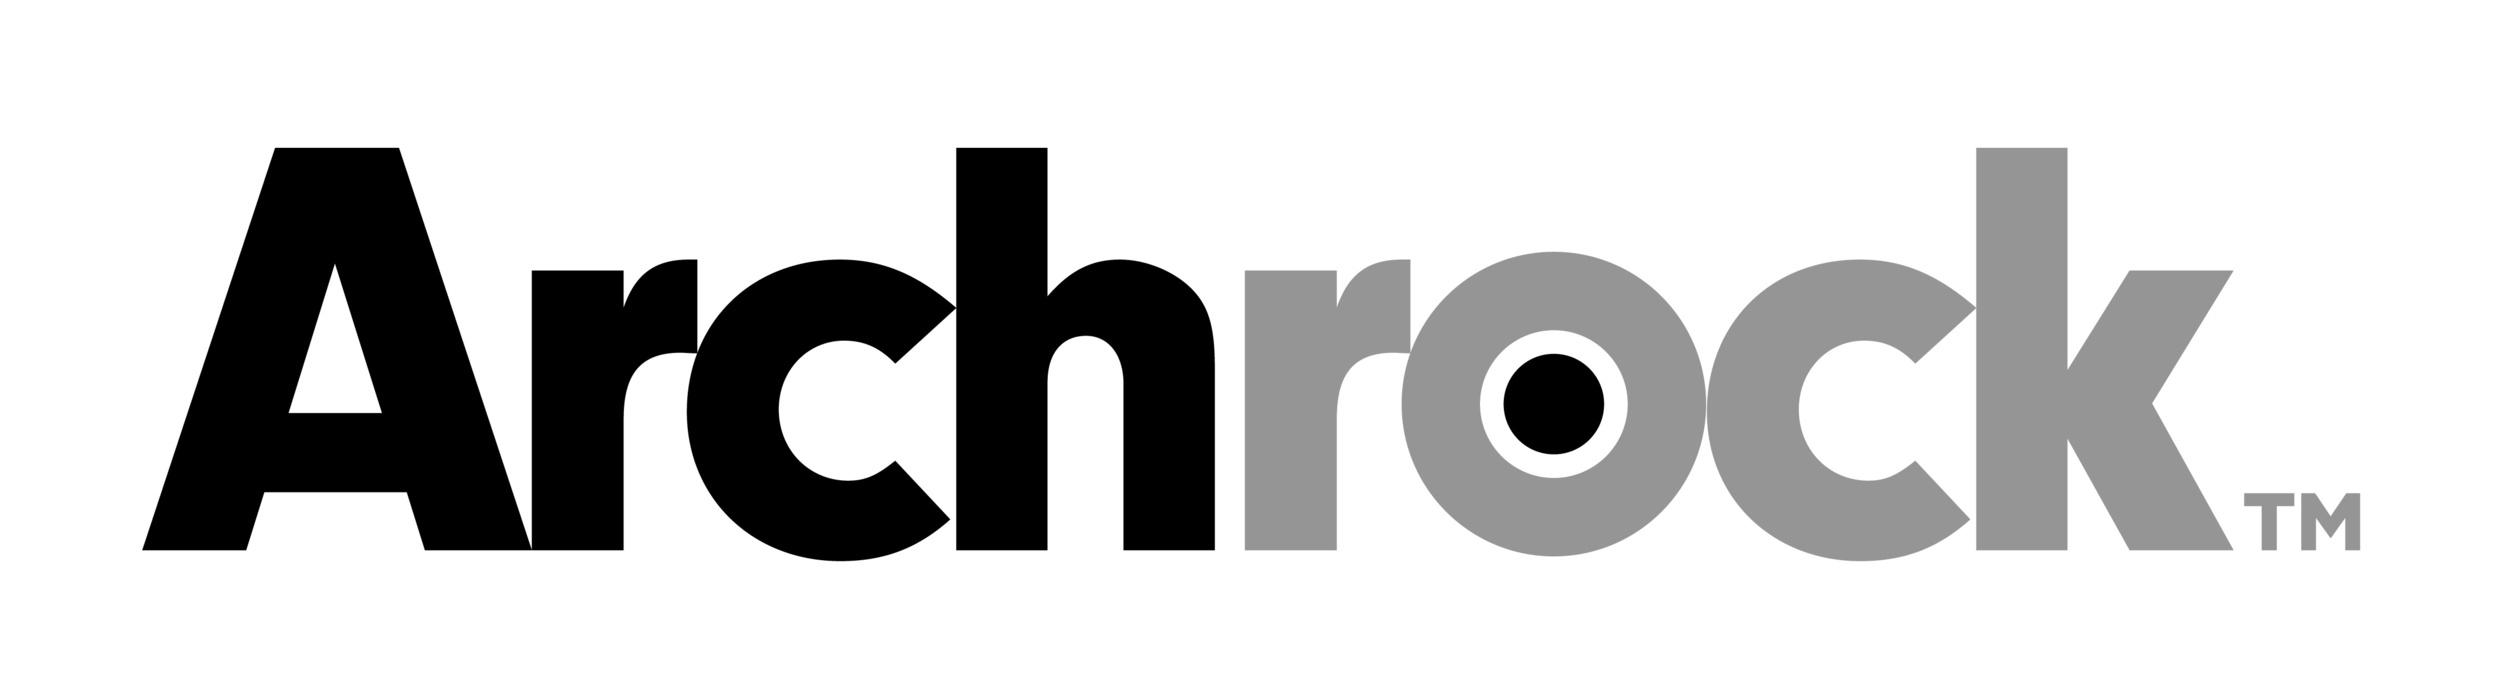 Archrock logo